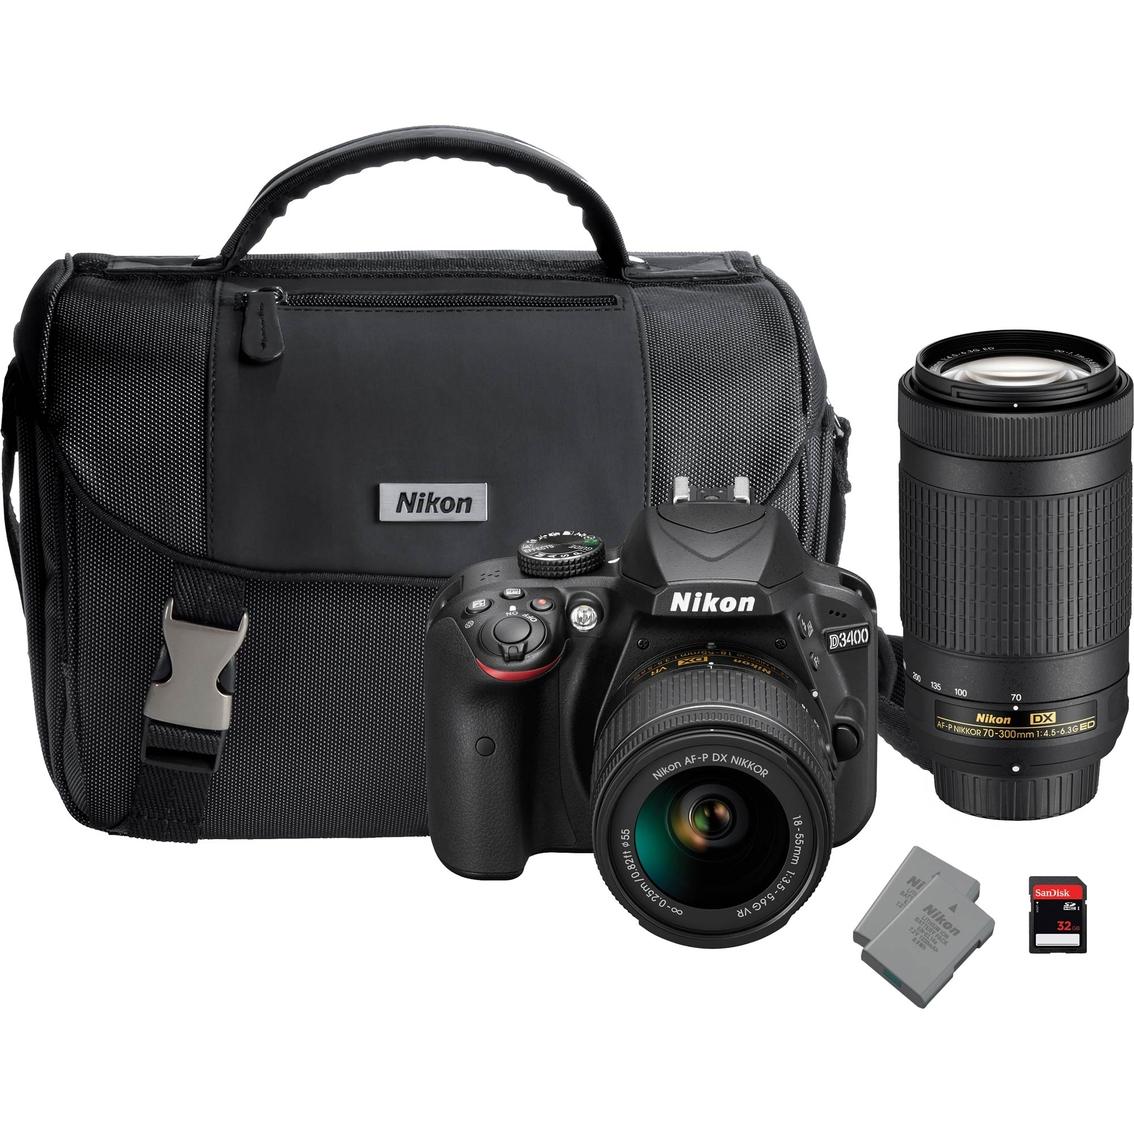 Superb Nikon Mp Dslr Camera Military Bundle Dslr Nikon D3400 Vs D5600 Vs D7100 Nikon D3400 Vs D5600 Forum dpreview Nikon D3400 Vs D5600